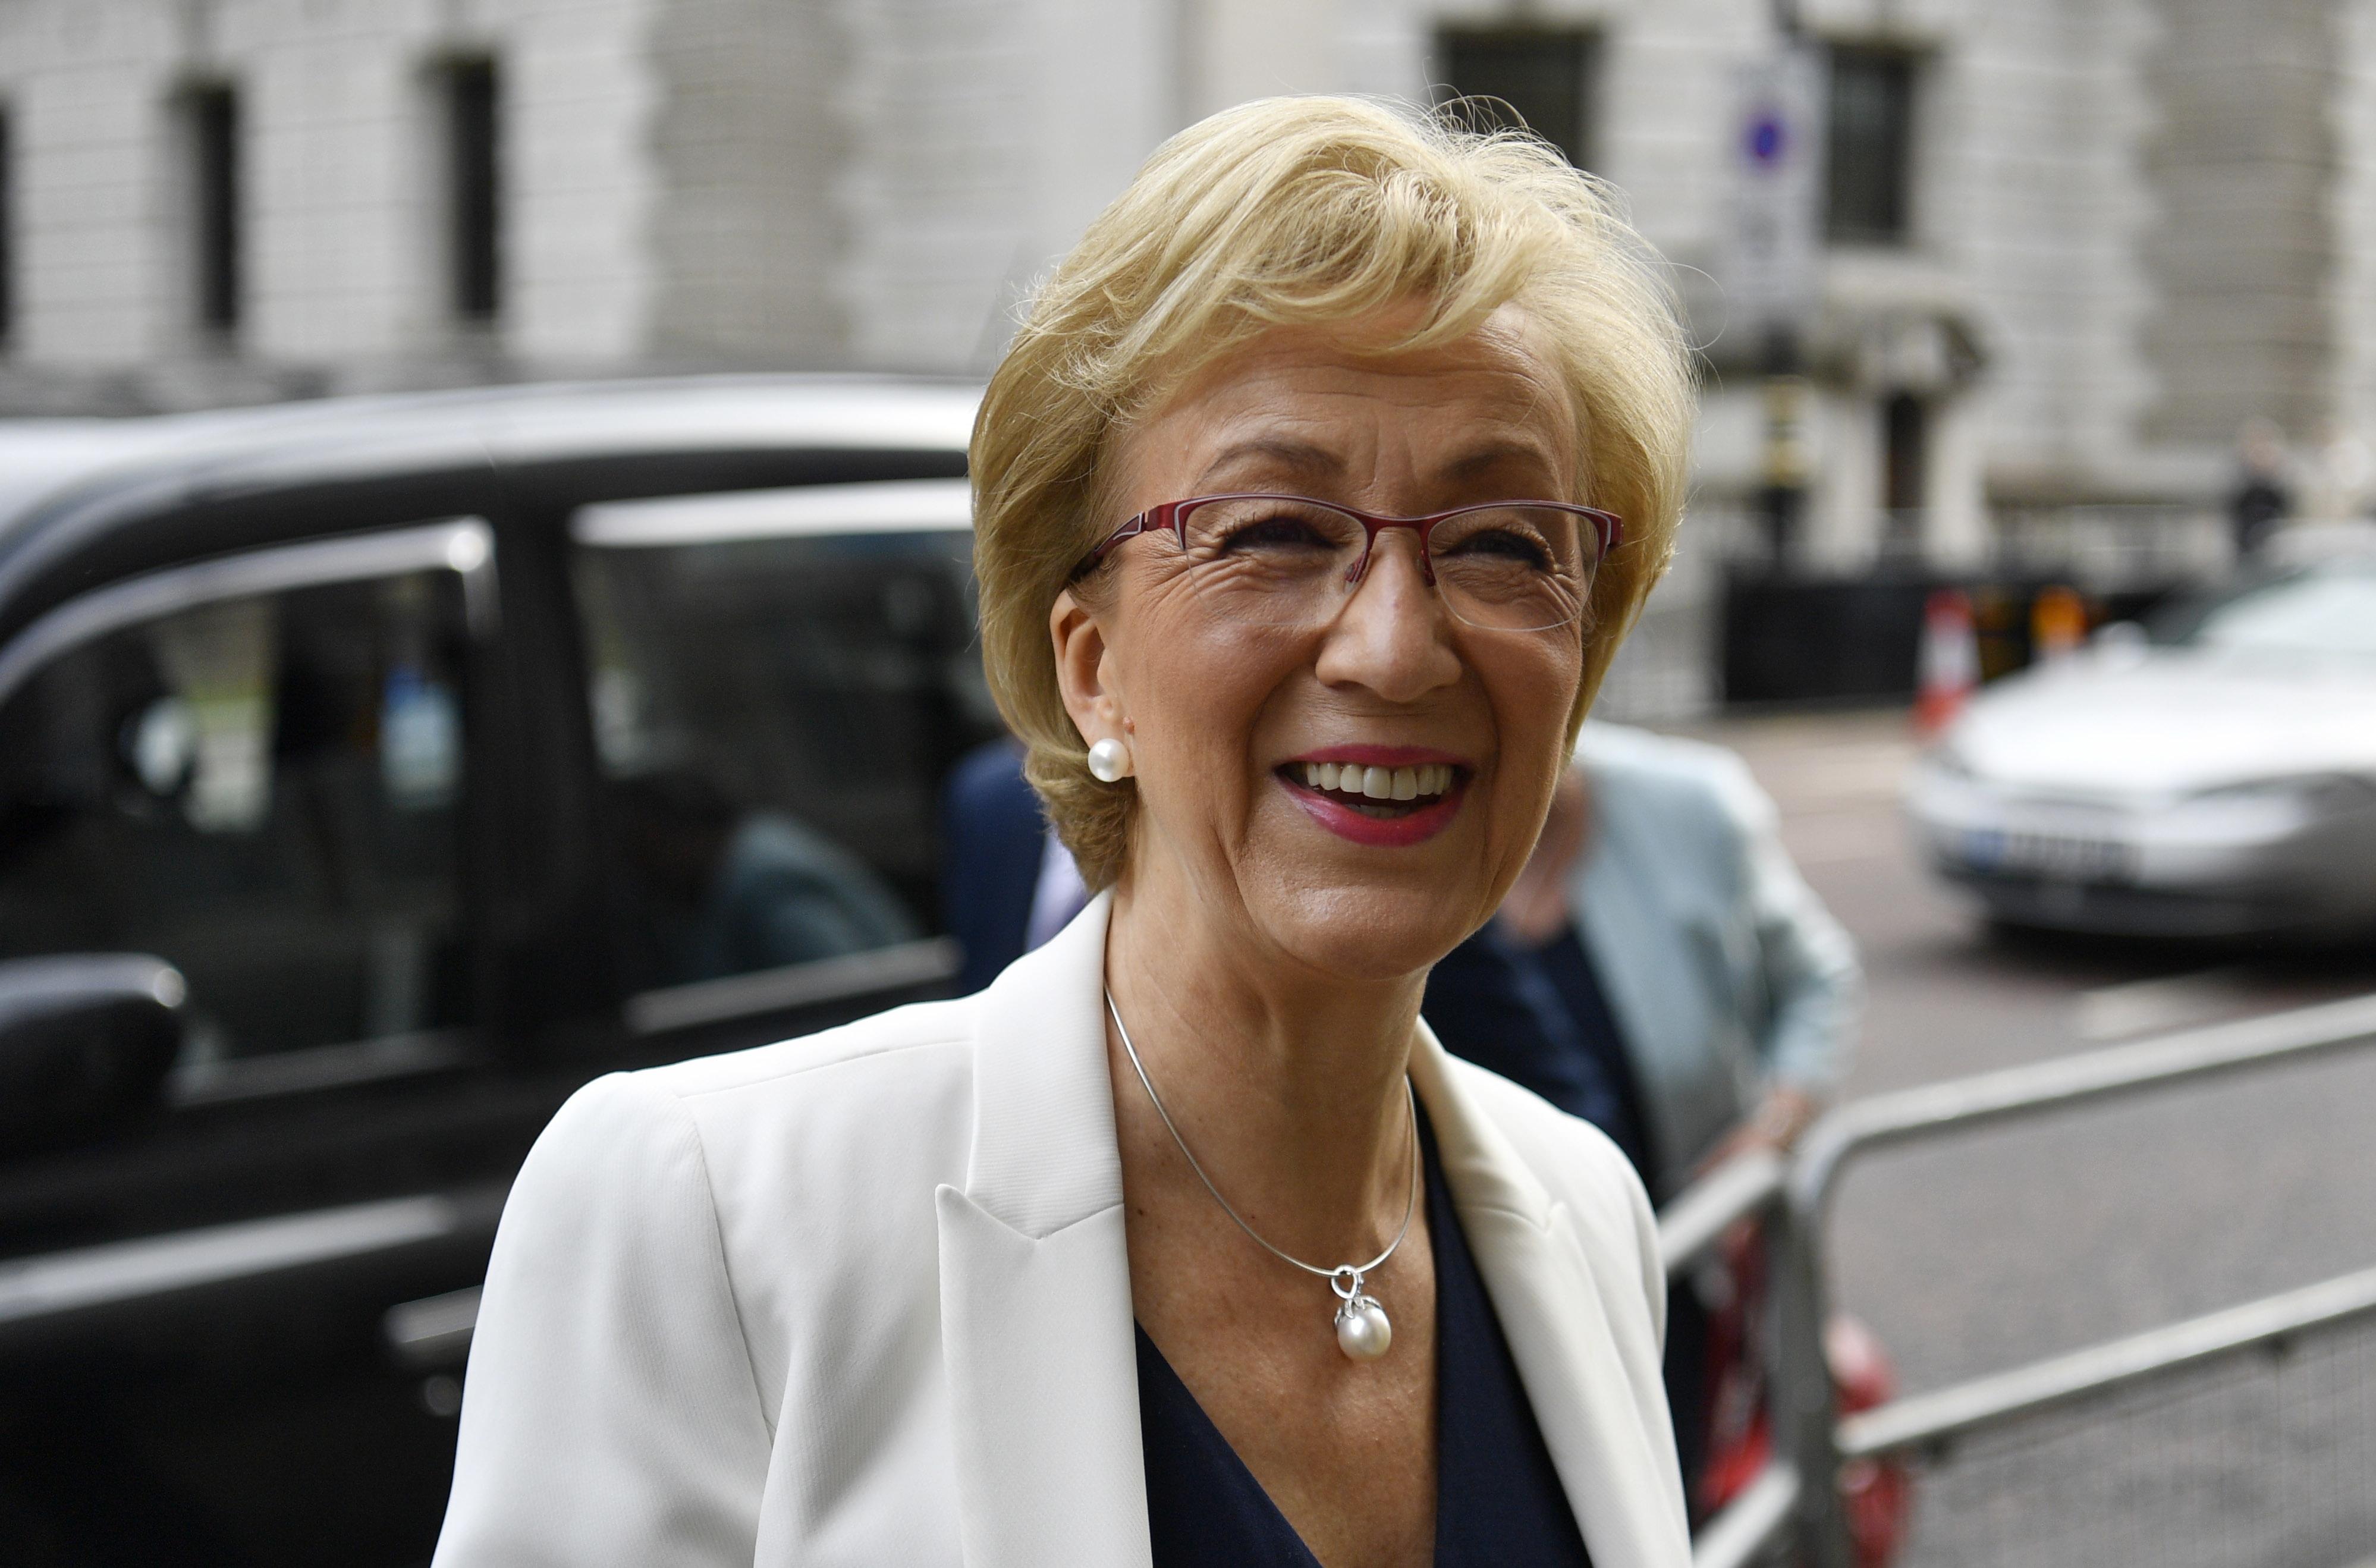 Andrea Leadsom terceira candidata conservadora a declarar apoio a Boris Johnson para primeiro-ministro